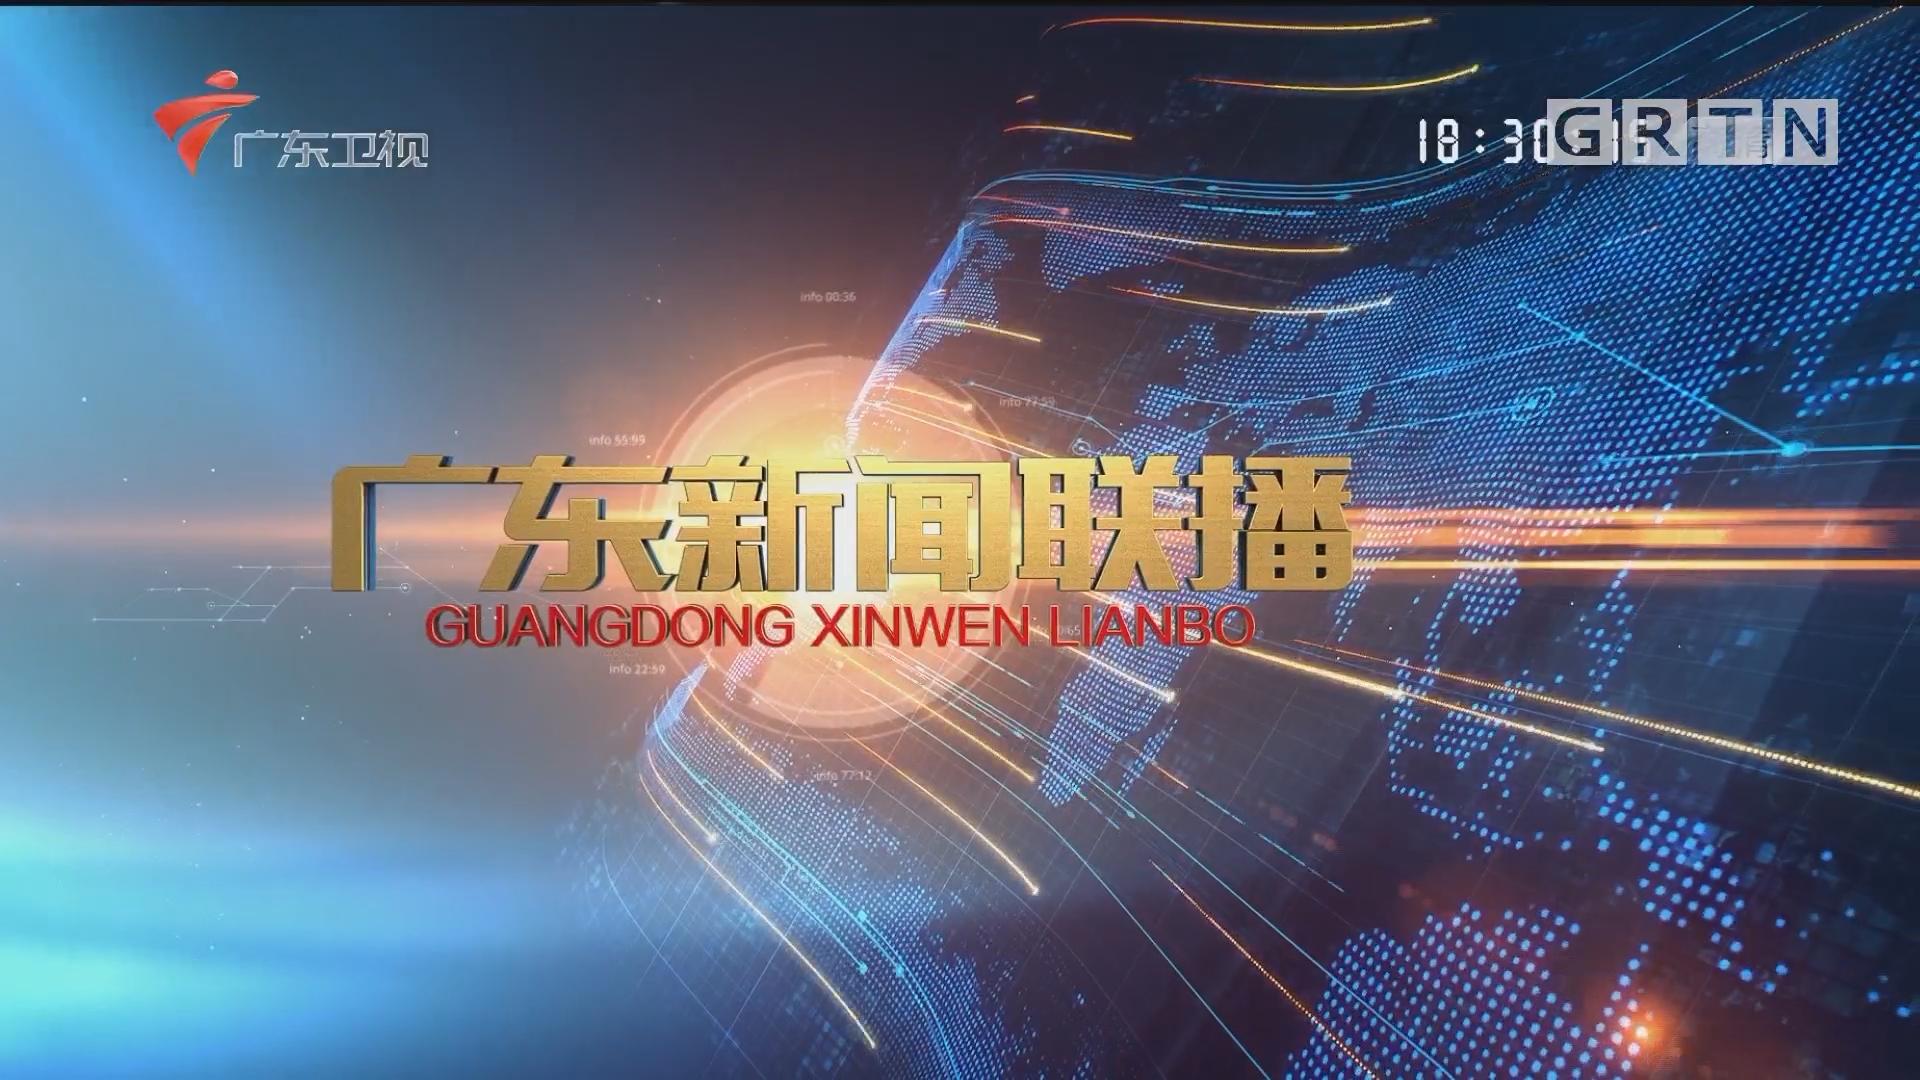 [HD][2017-10-12]广东新闻联播:深圳河源对口帮扶:产业共建 利益共享